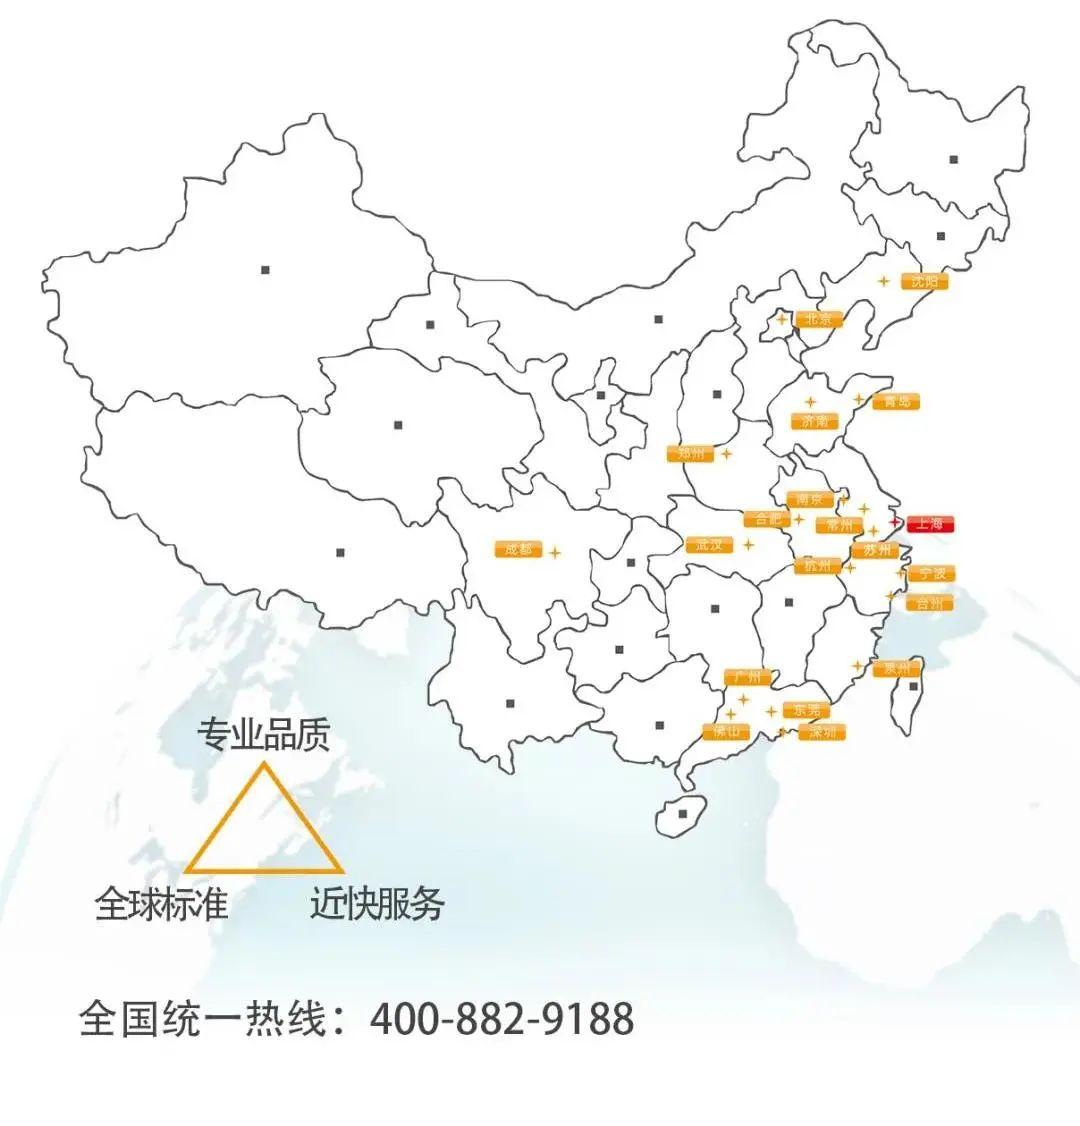 维宏股份服务地点.jpg